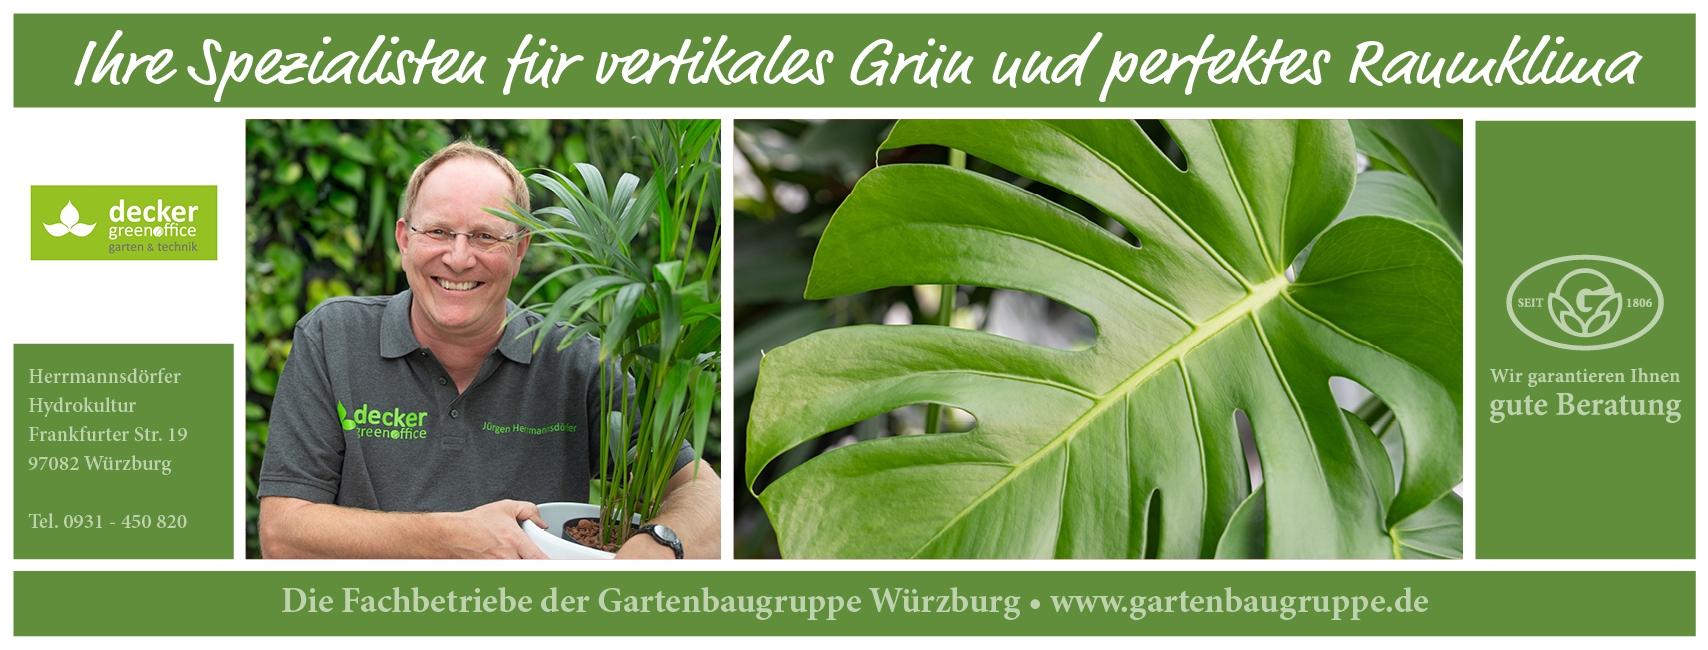 Decker Green Office - Gartenbaugruppe Würzburg